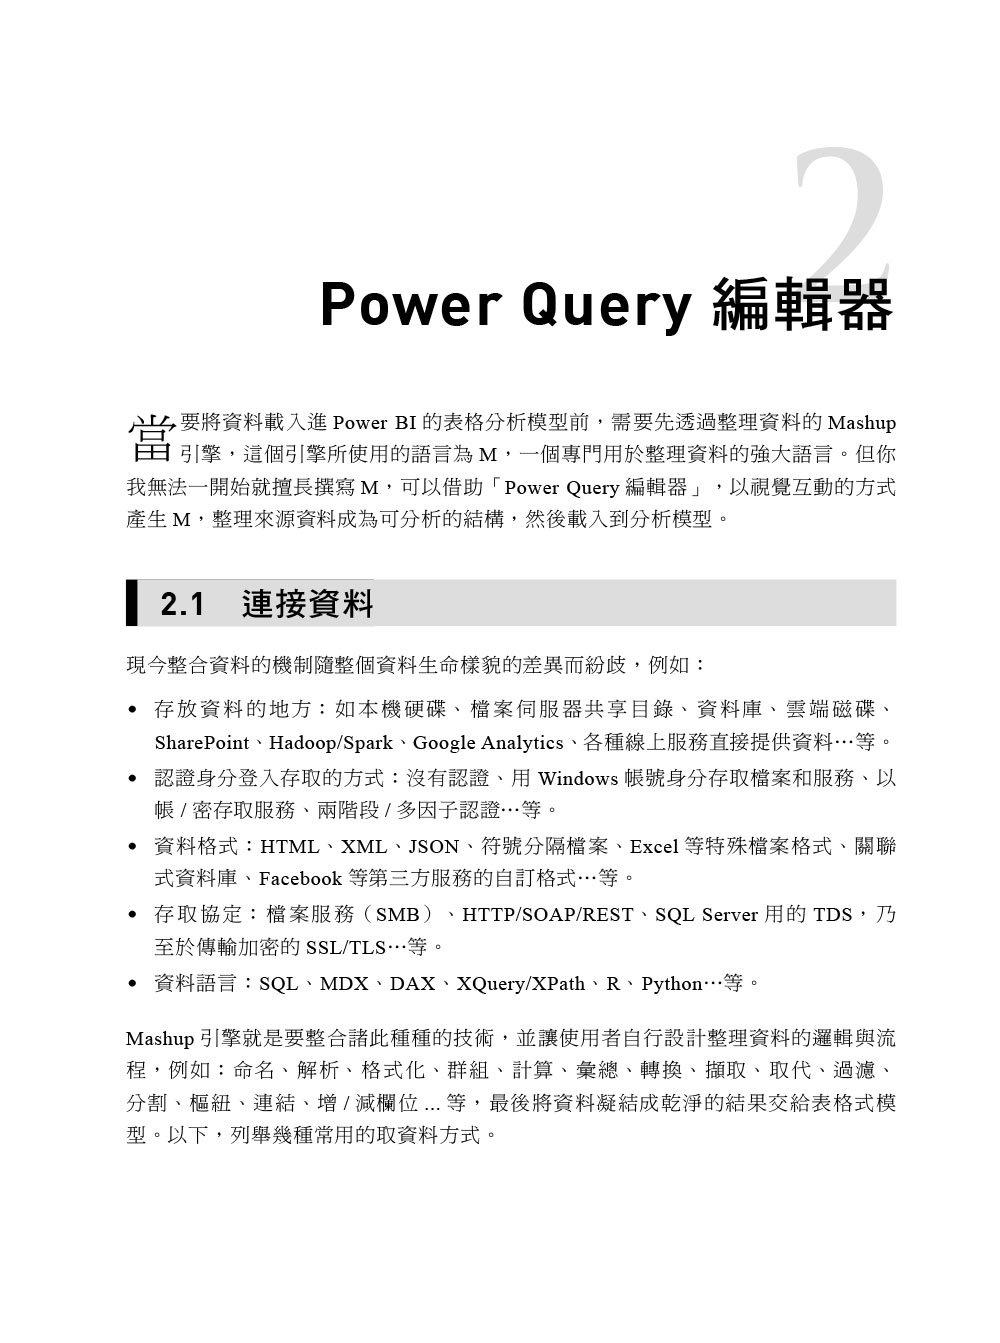 PowerBI 商業智慧分析-preview-1